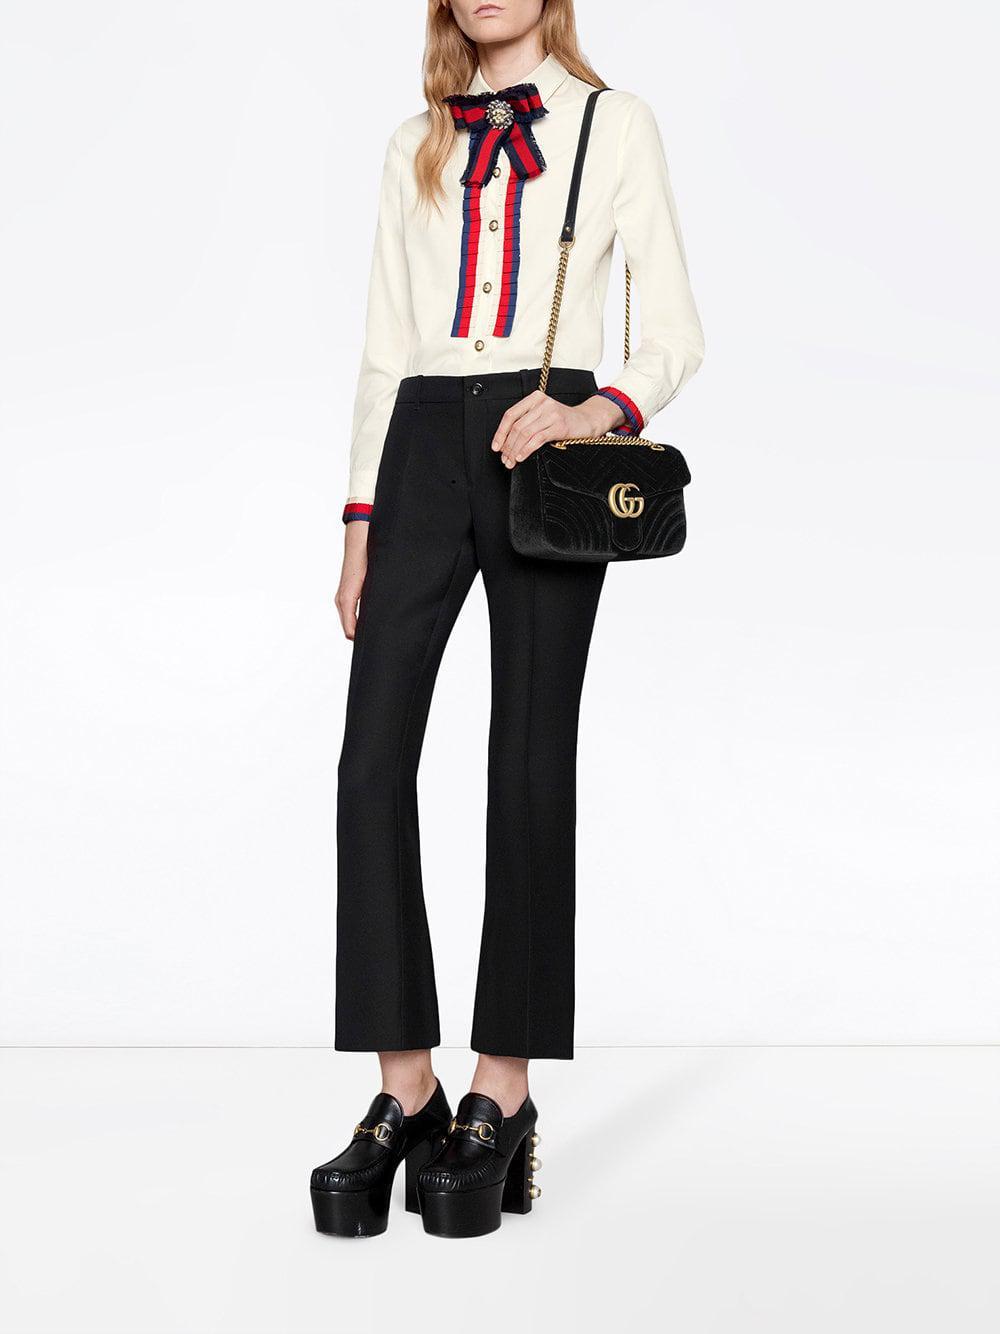 ea39f9f3f1c9 Lyst - Gucci GG Marmont Velvet Shoulder Bag in Black - Save 27%